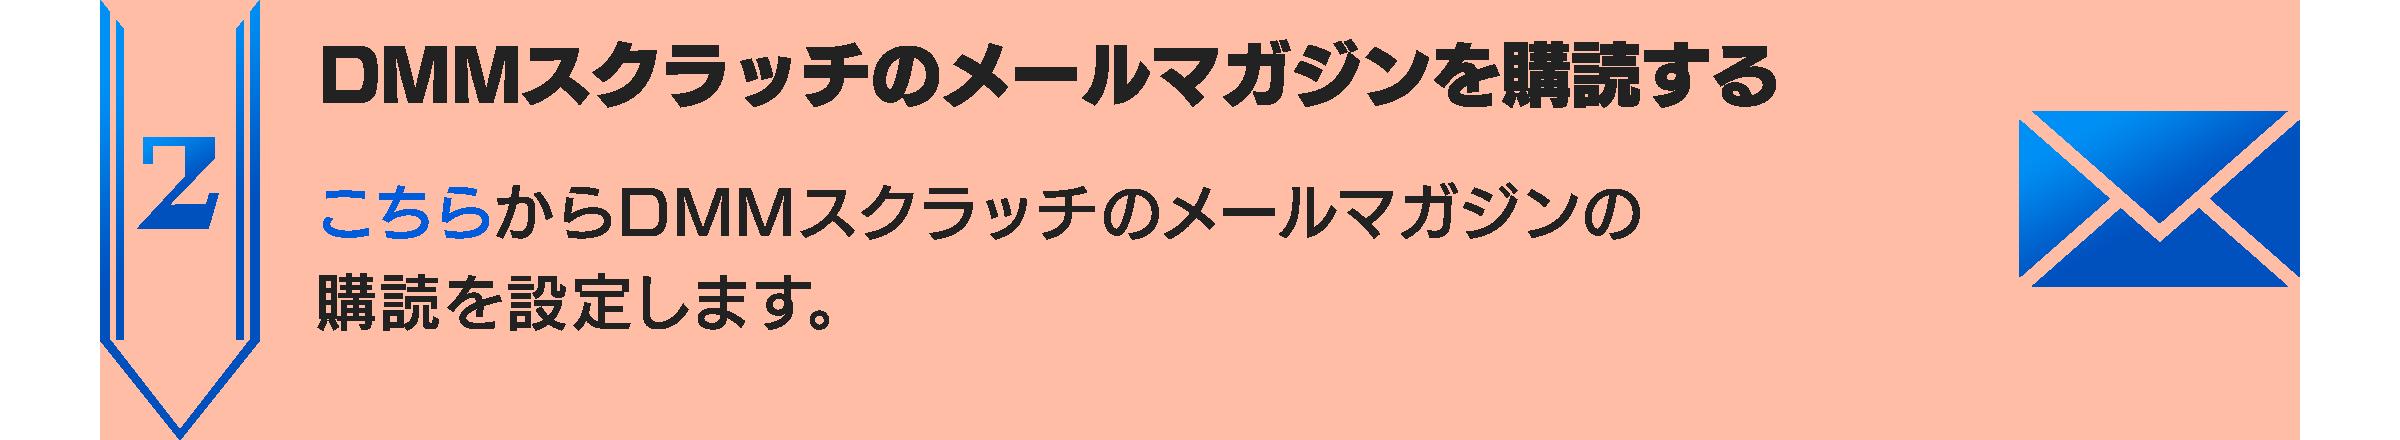 (2)メールマガジン購読設定